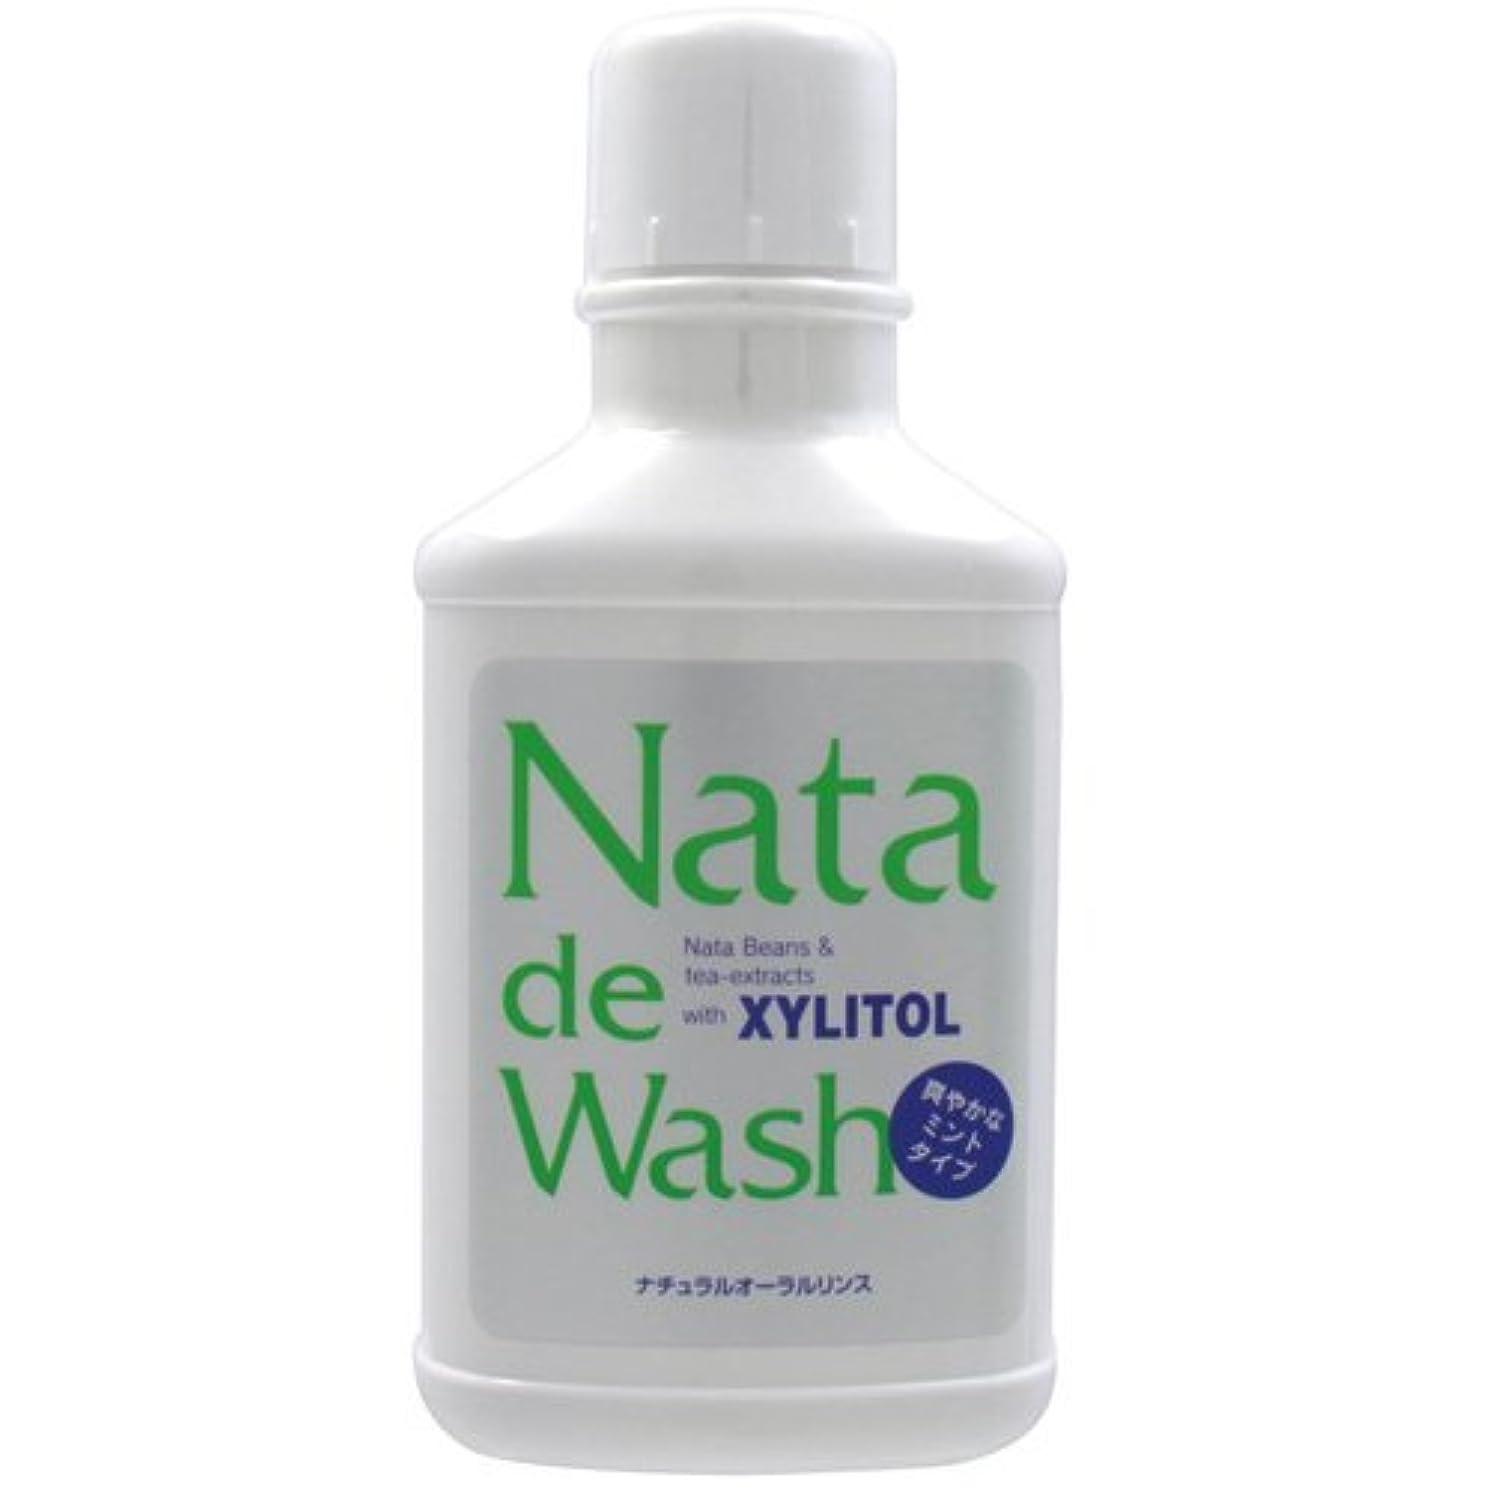 花弁涙インタネットを見るナタデウォッシュ 500ml 口臭予防 歯磨きの後にお勧め ナタデ ウォッシュ